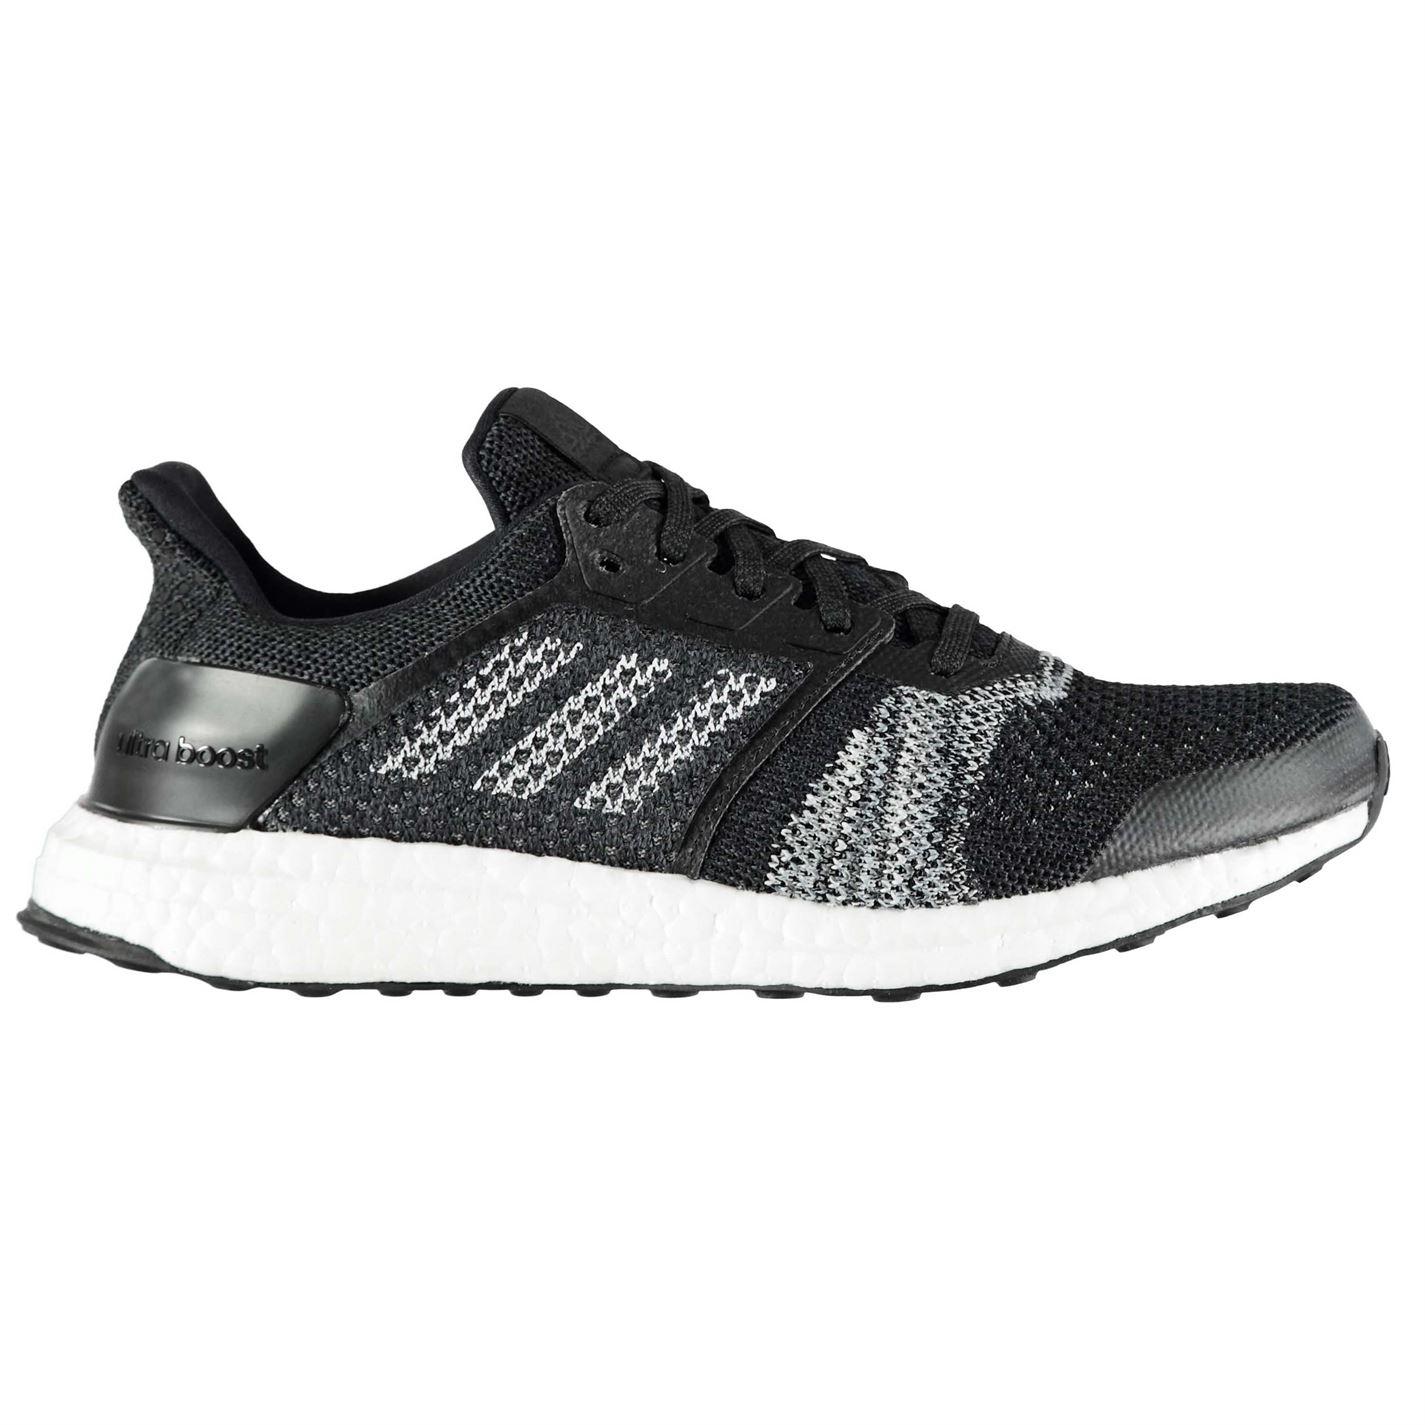 adidas UltraBoost ST pánské běžecké boty Black White - Glami.cz fe0562e630